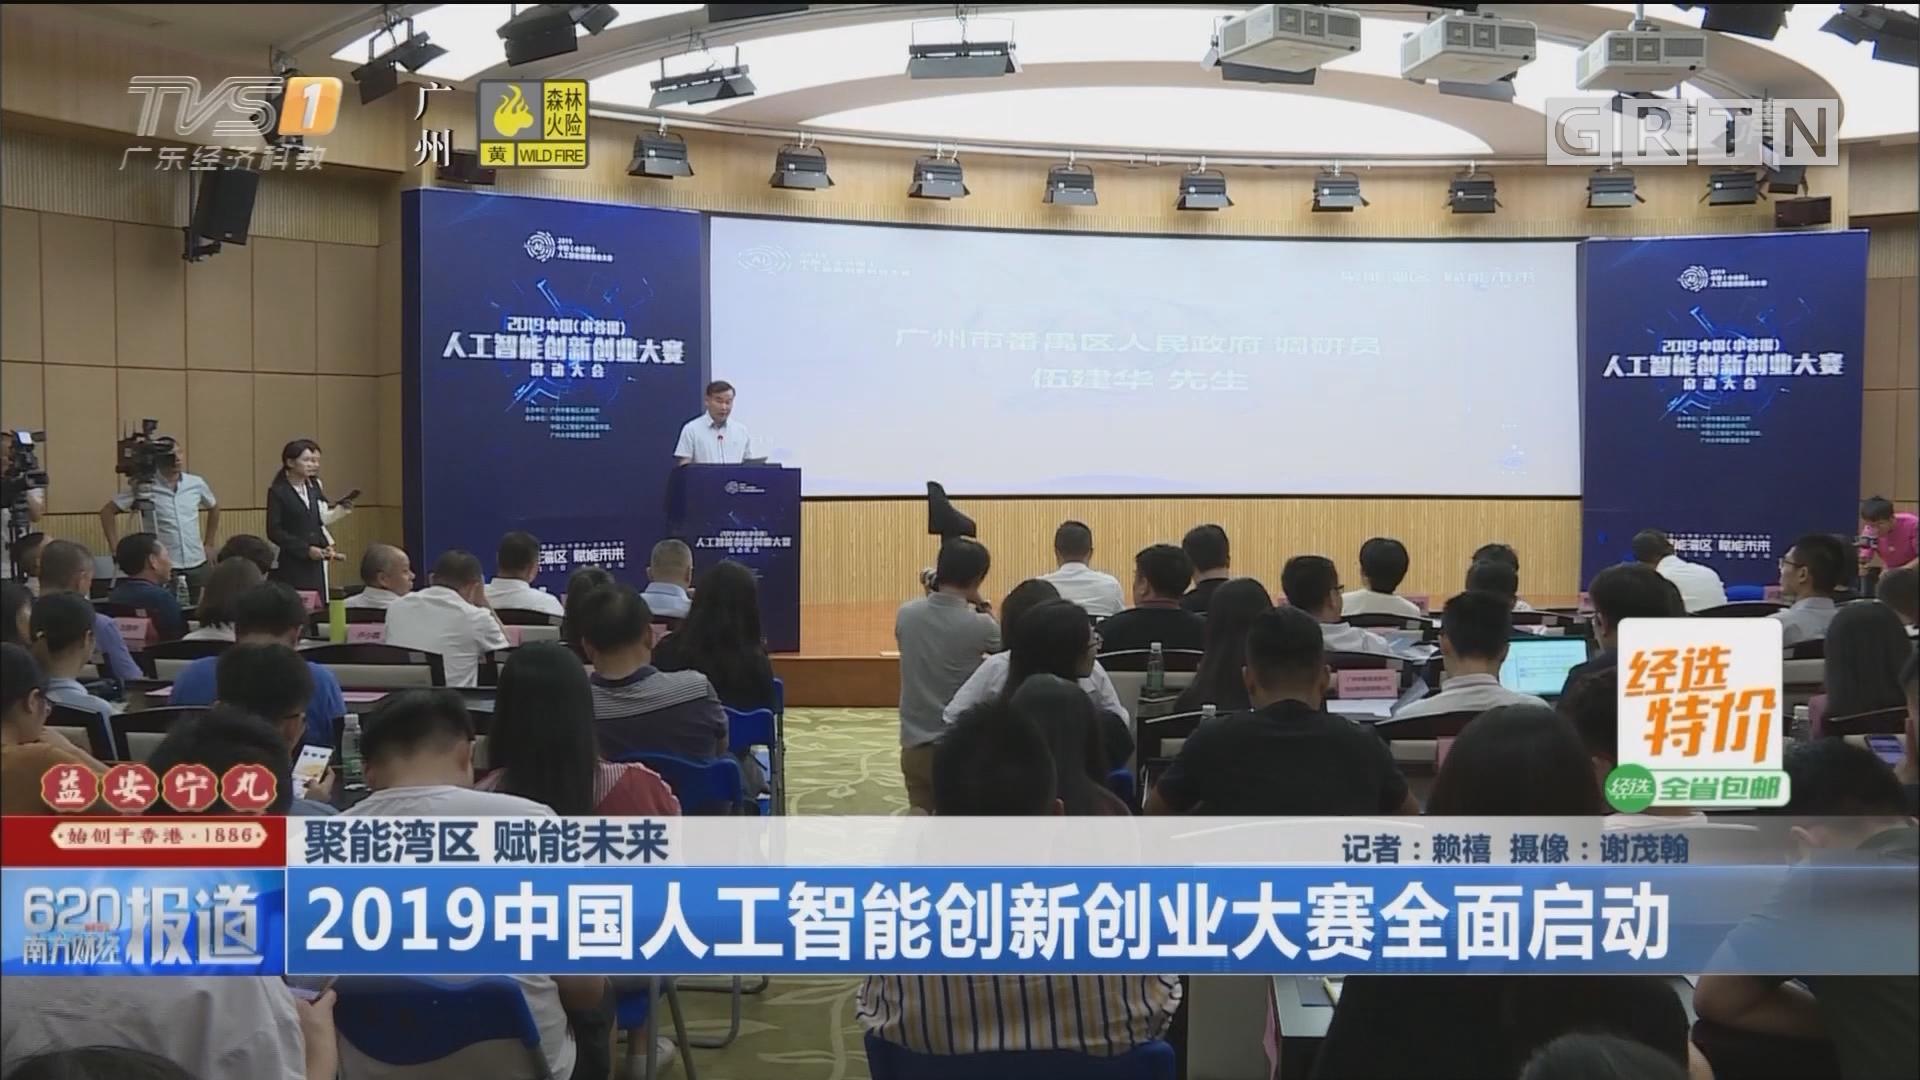 聚能湾区 赋能未来 2019中国人工智能创新创业大赛全面启动